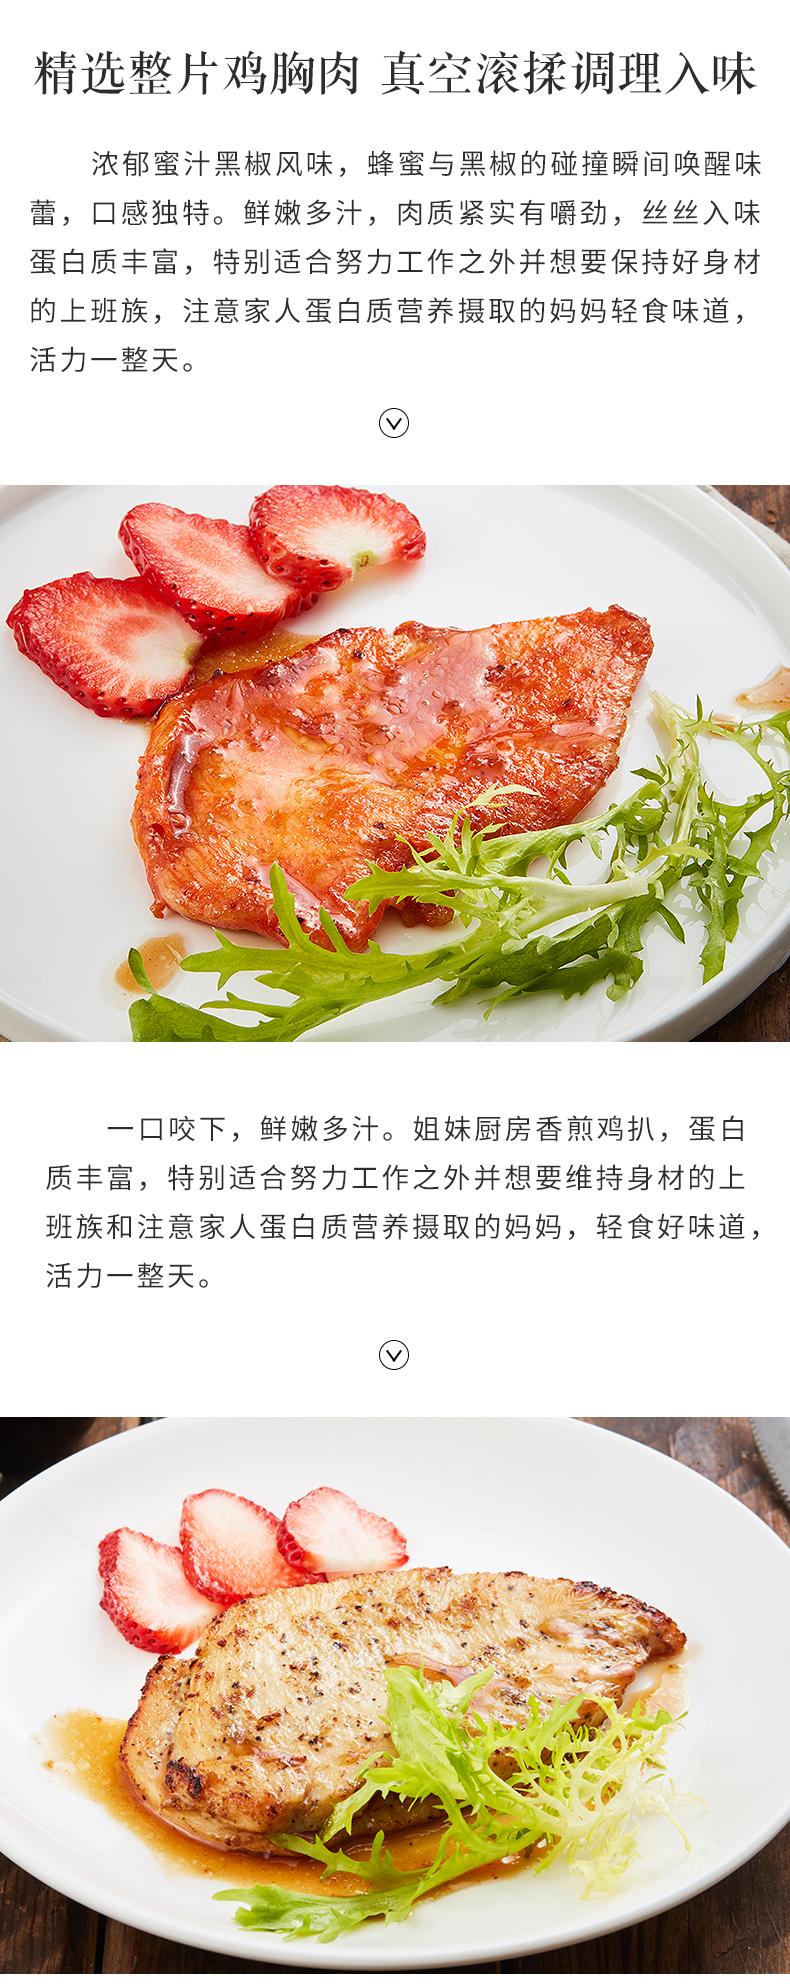 大成姐妹 香煎鸡扒 低脂高蛋白减肥代餐 1440g 20片装 图6